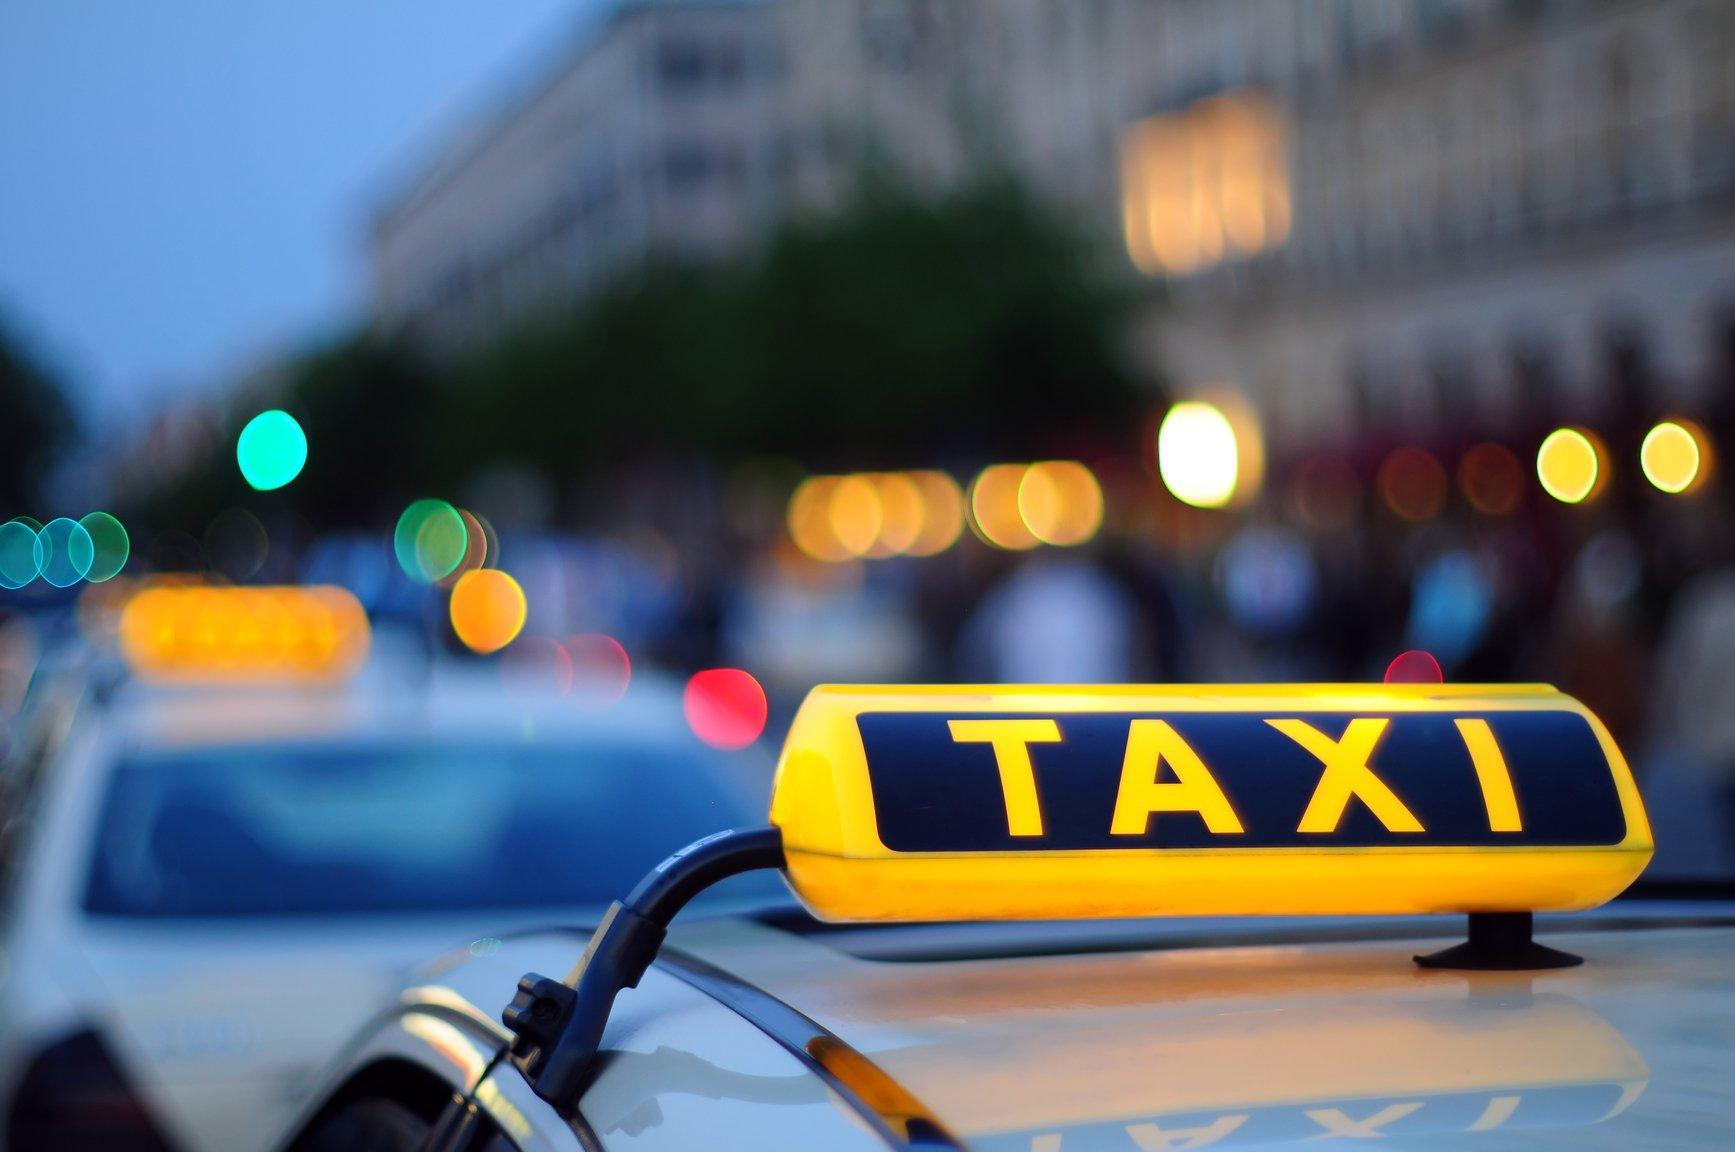 Службы такси хотят обязать нести ответственность за пассажиров